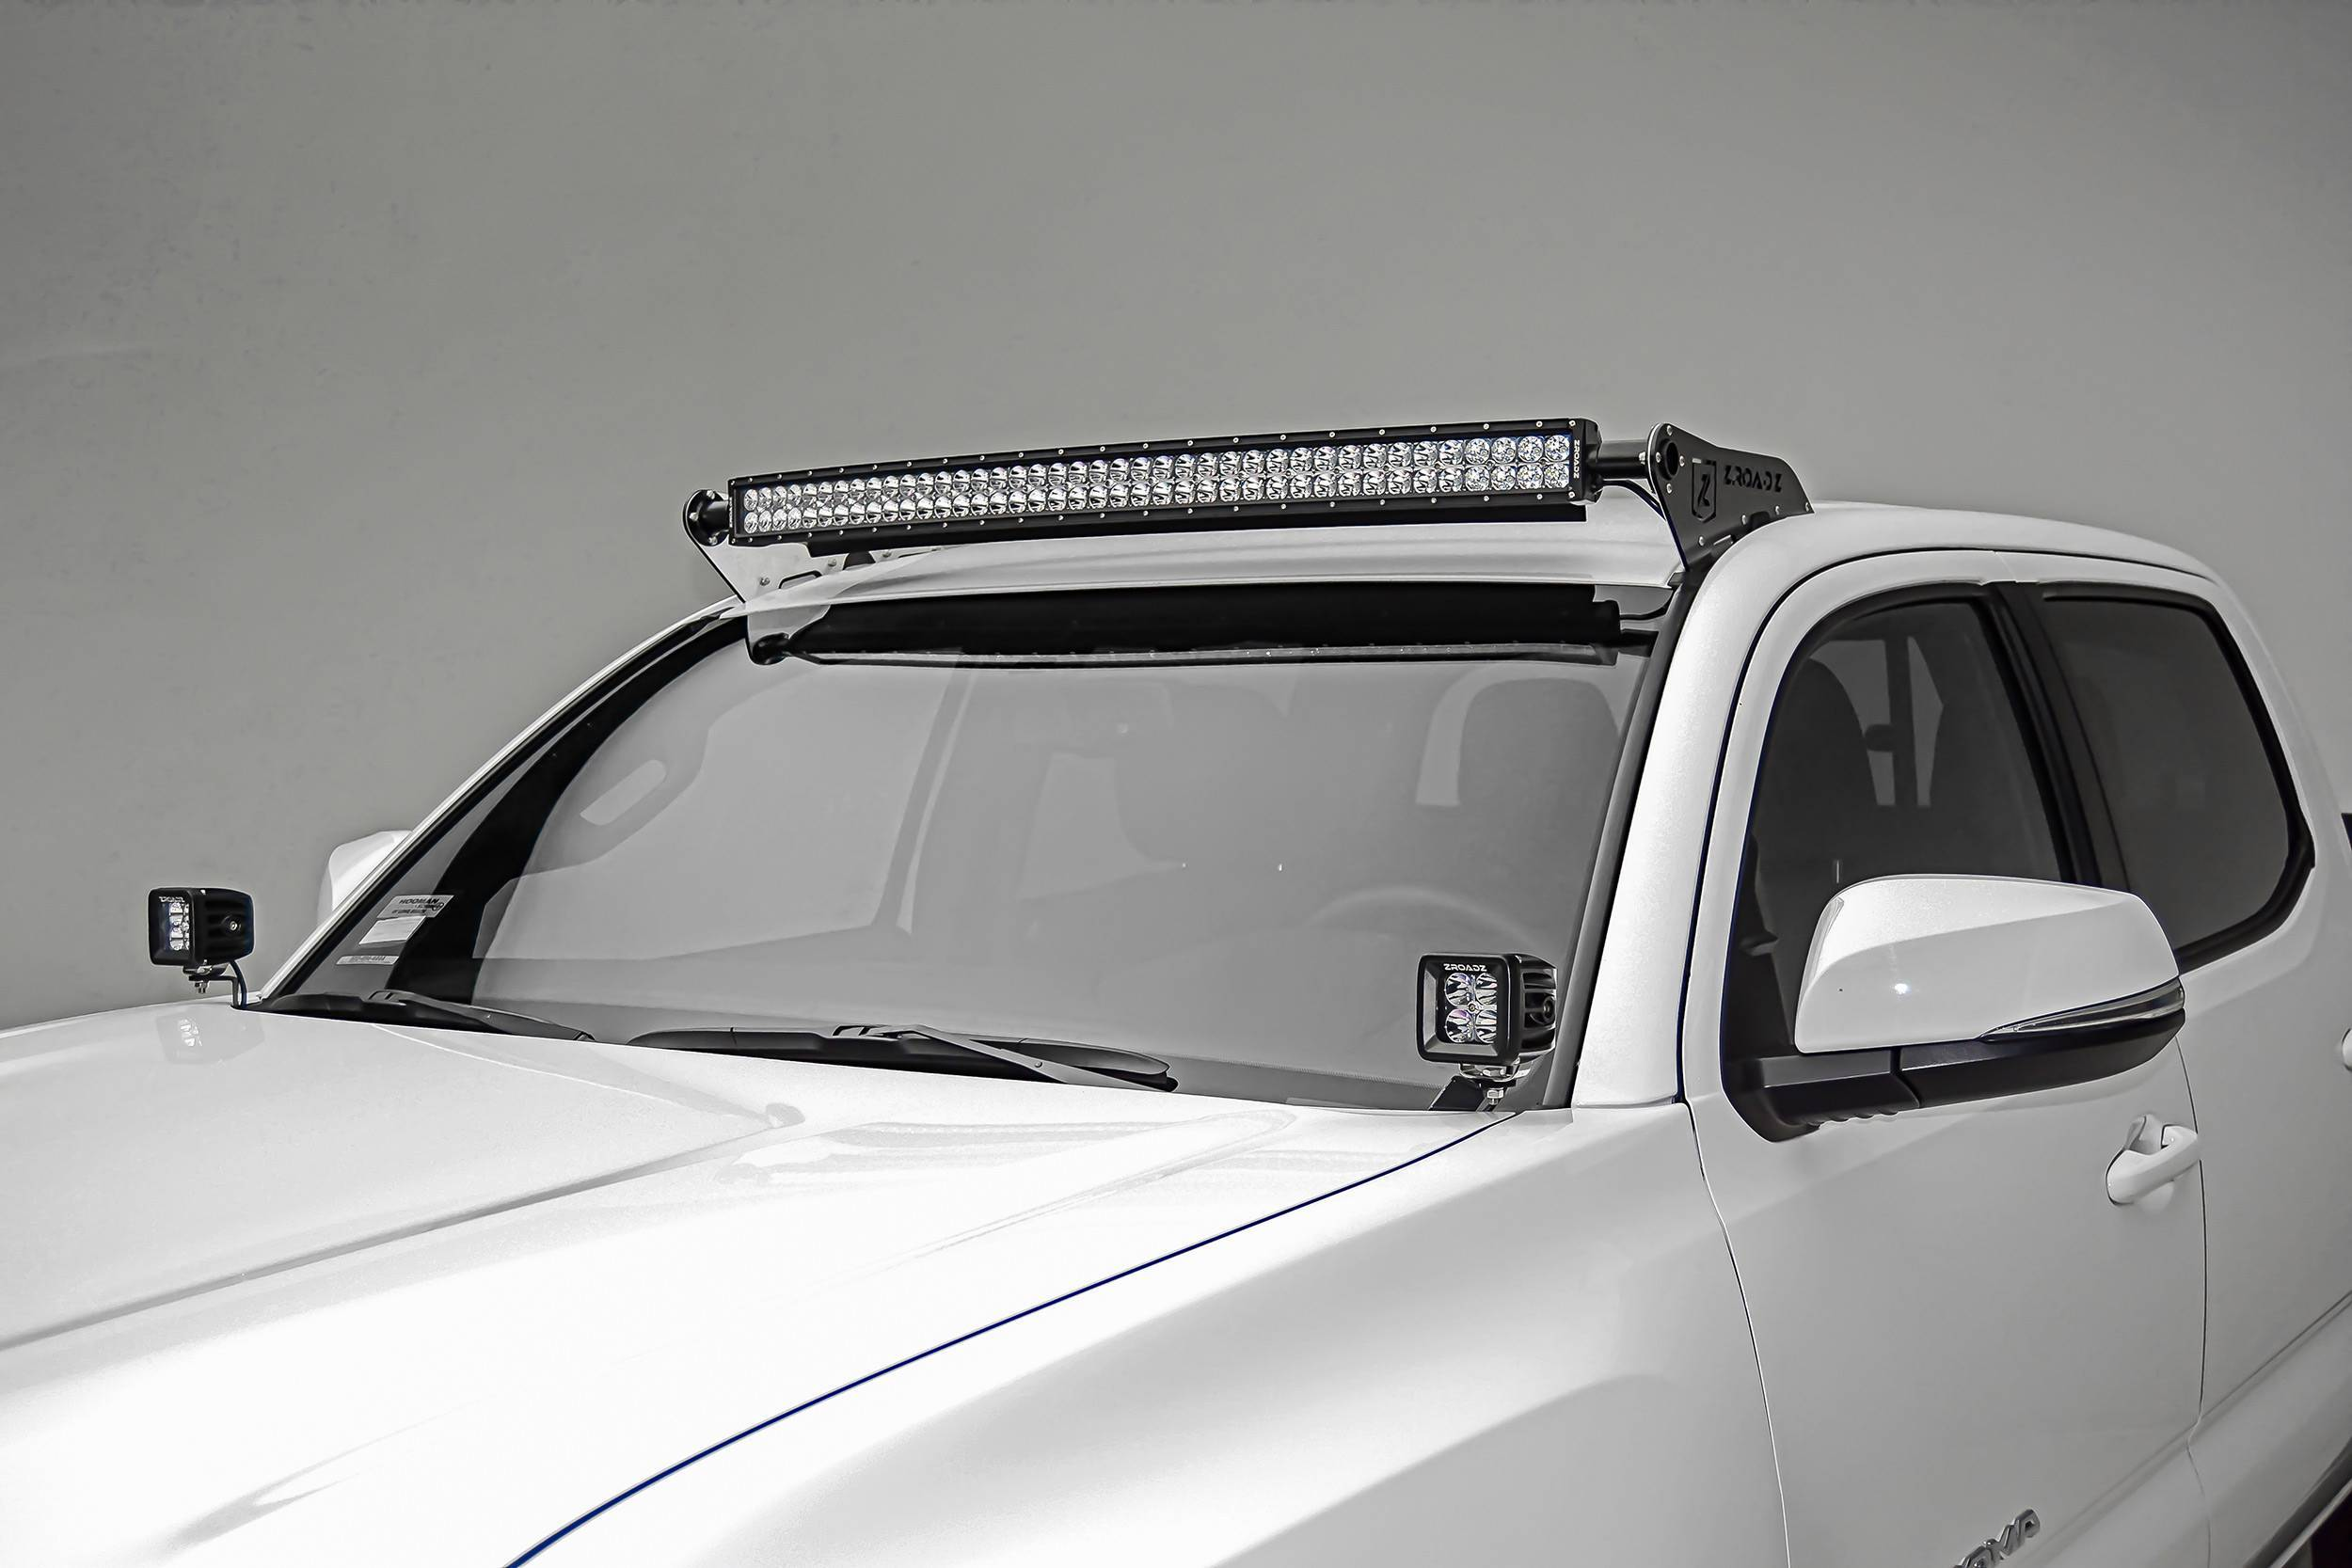 ZROADZ - 2016-2021 Toyota Tacoma Hood Hinge LED Bracket to mount (2) 3 Inch LED Pod Lights - PN #Z369401